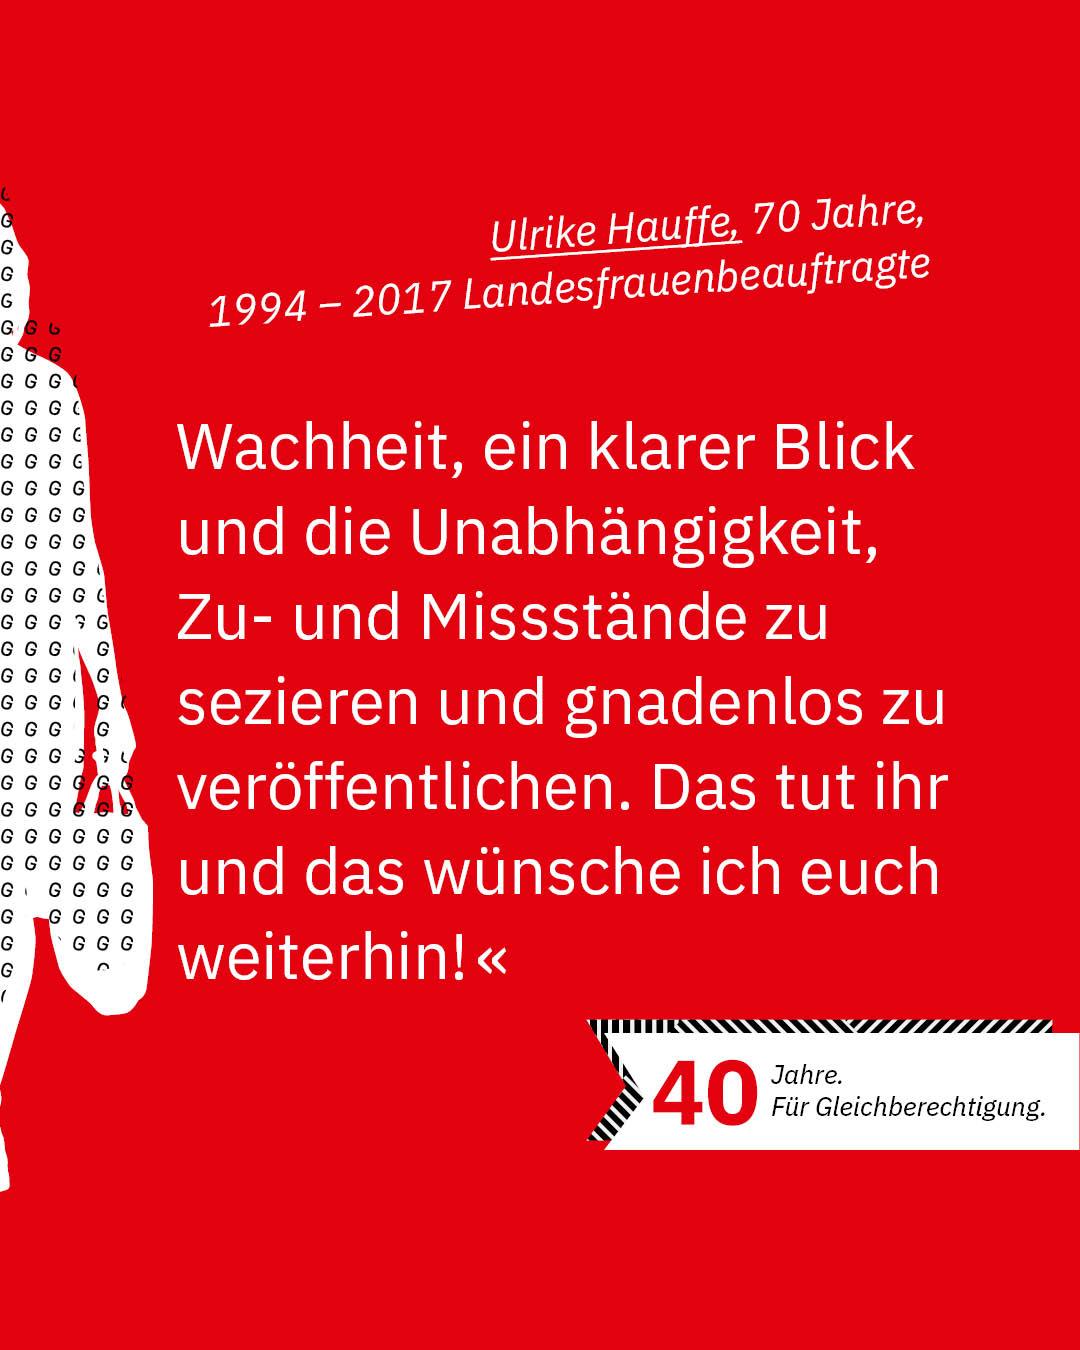 Statement 40 Jahre Gleichberechtigung, Ulrike Hauffe, ehemalige Landesfrauenbeauftragte